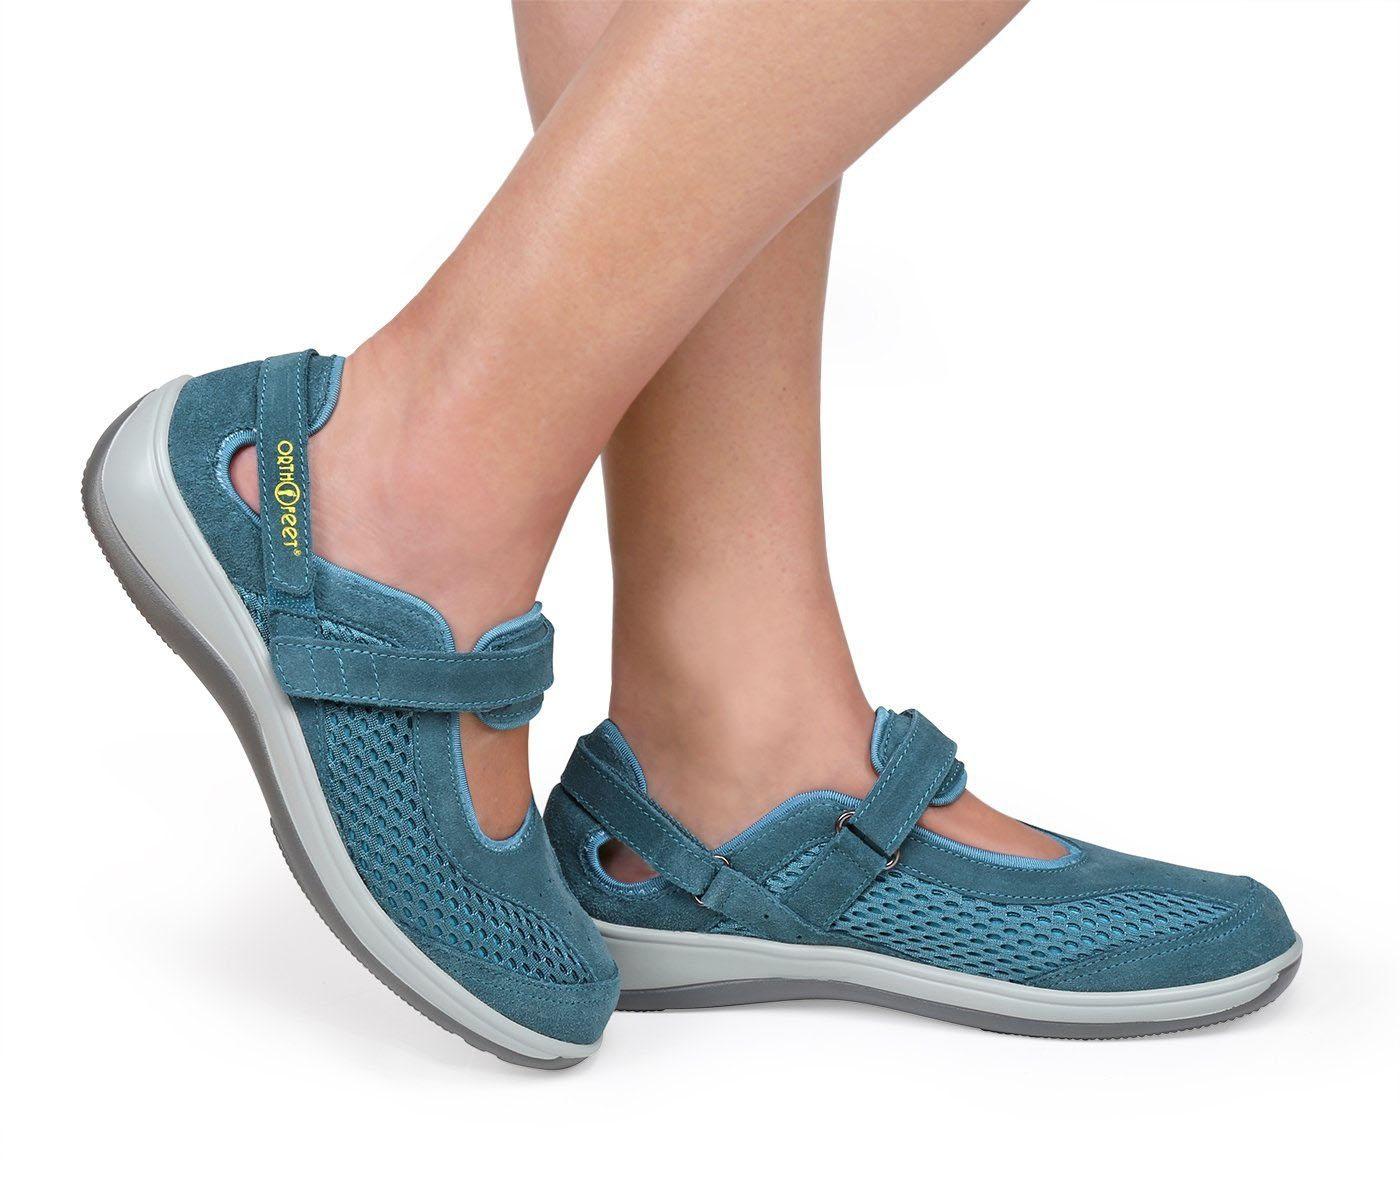 Skokomfort - Tåliga skor för ömtåliga fötter! ad40b71954c62